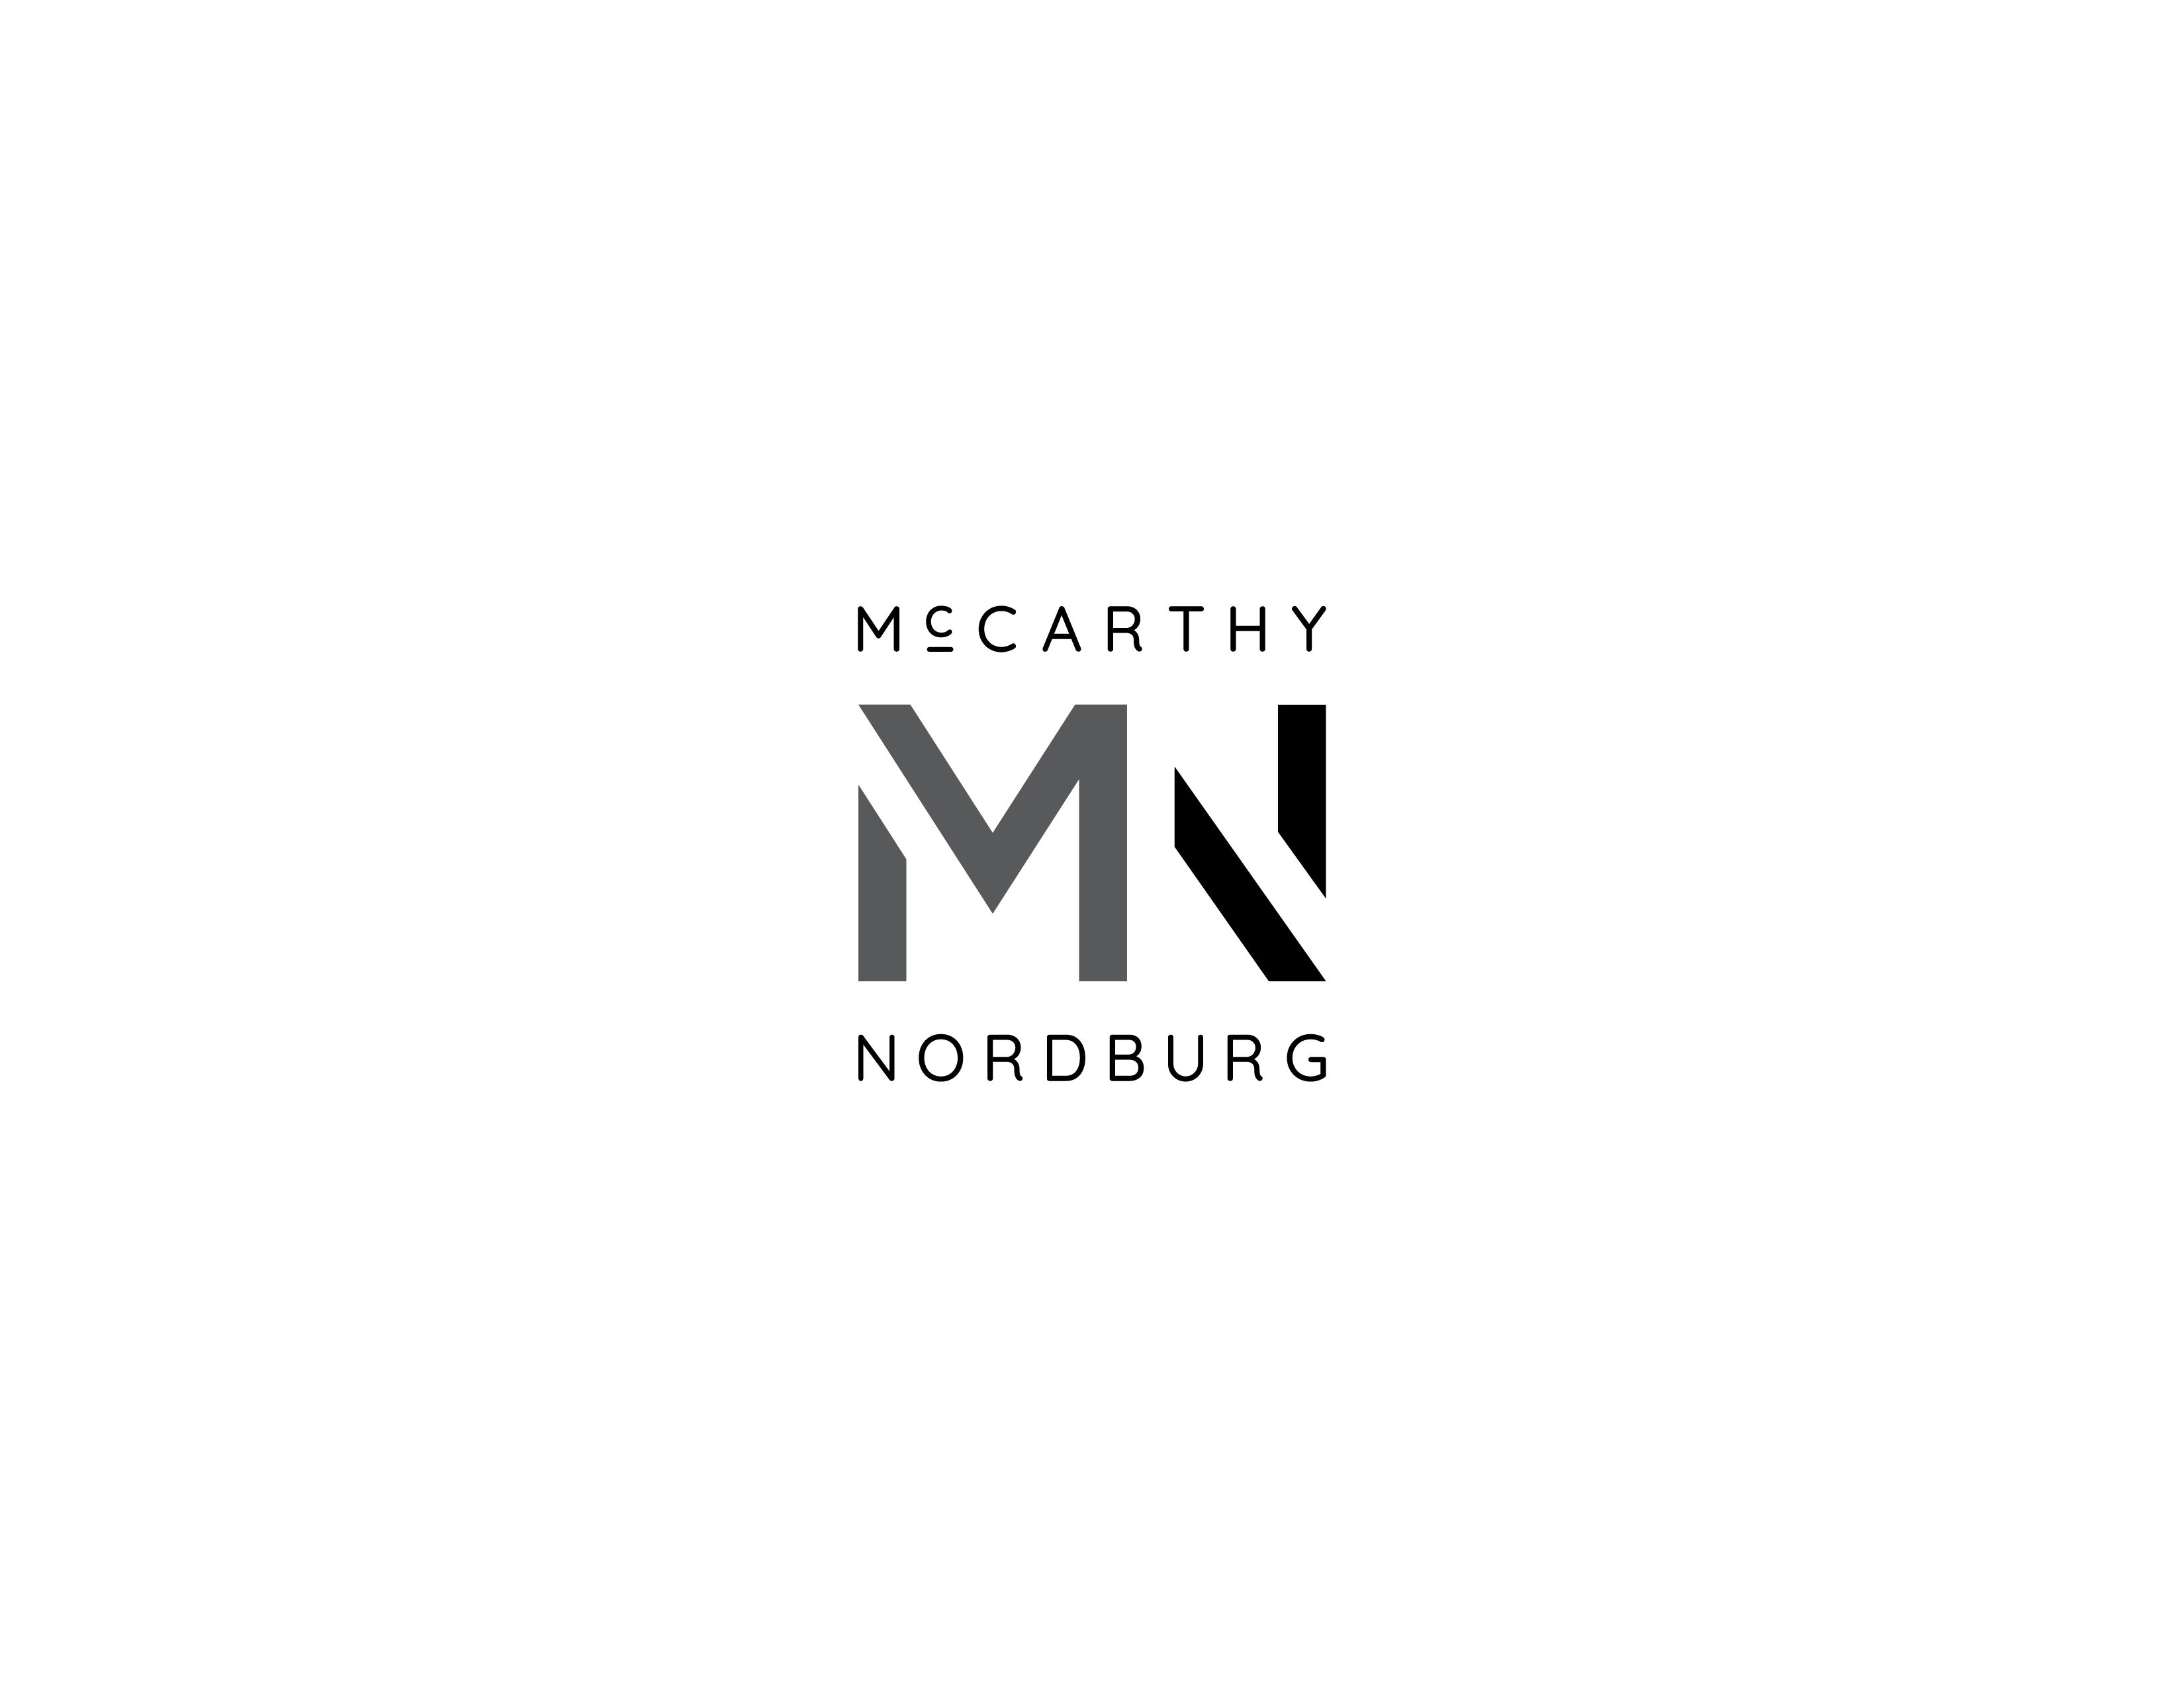 McCarthy Nordburg